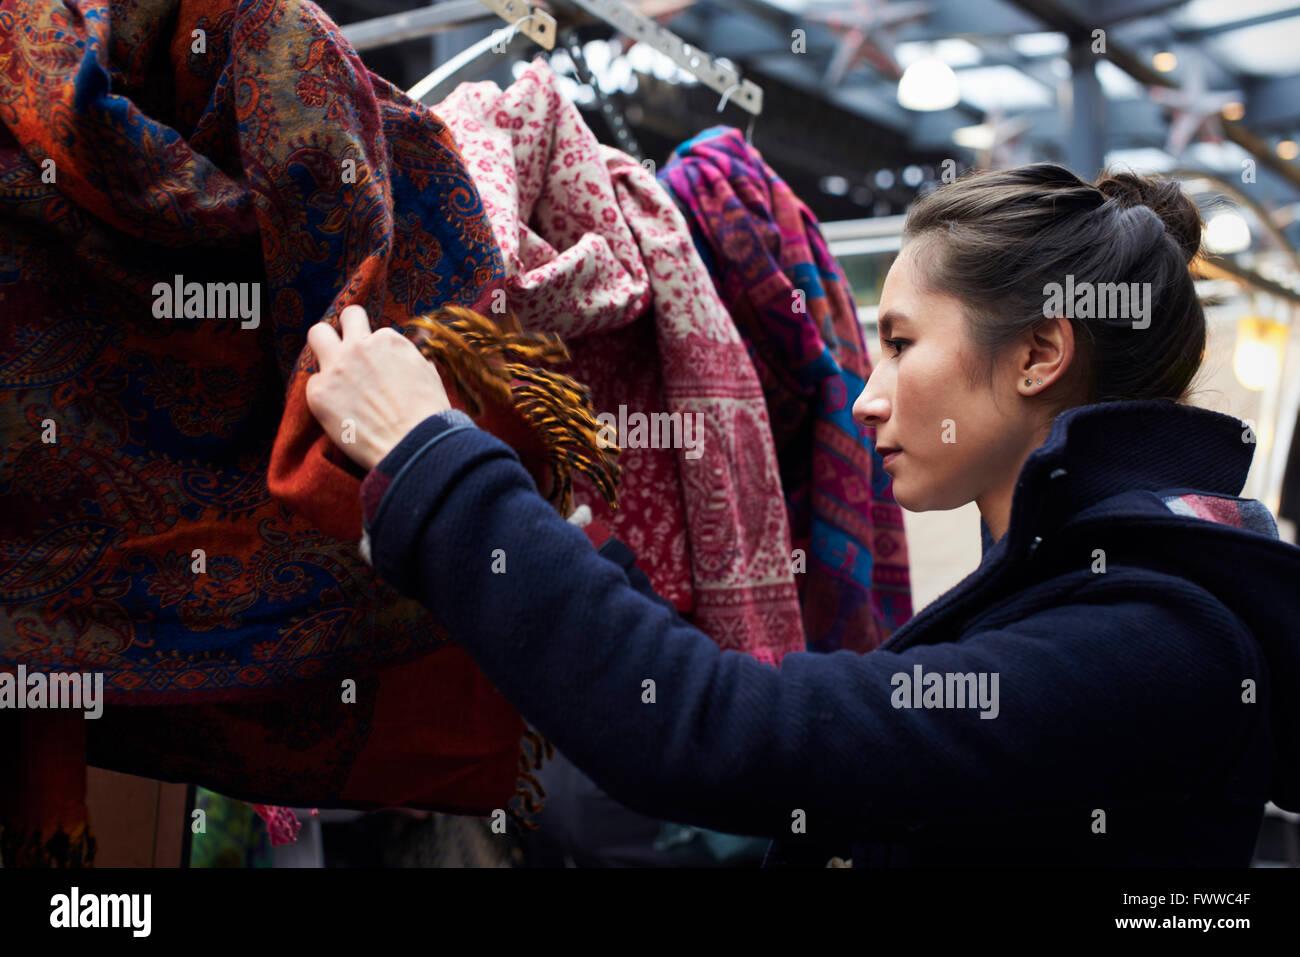 Mujer joven Compras en Mercado Cubierto Imagen De Stock